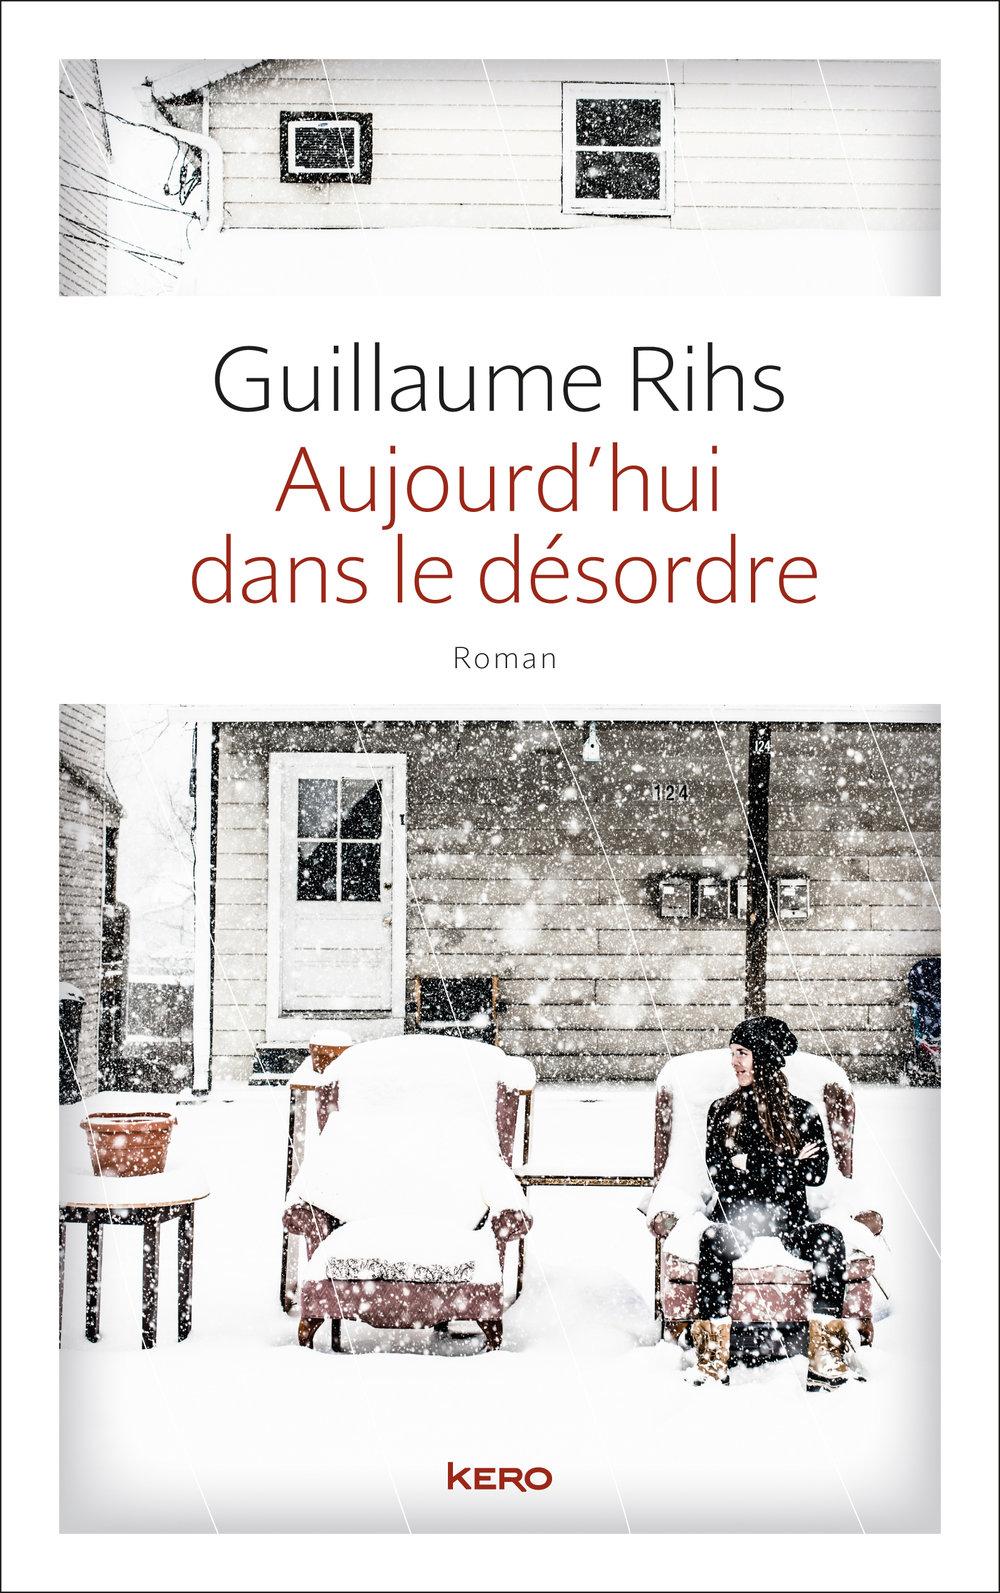 Guillaume RihsAujourd'hui dans le désordreÉditions Kéro - Creative Direction, Bookline Concept, Cover Design.Client: Éditions Kéro